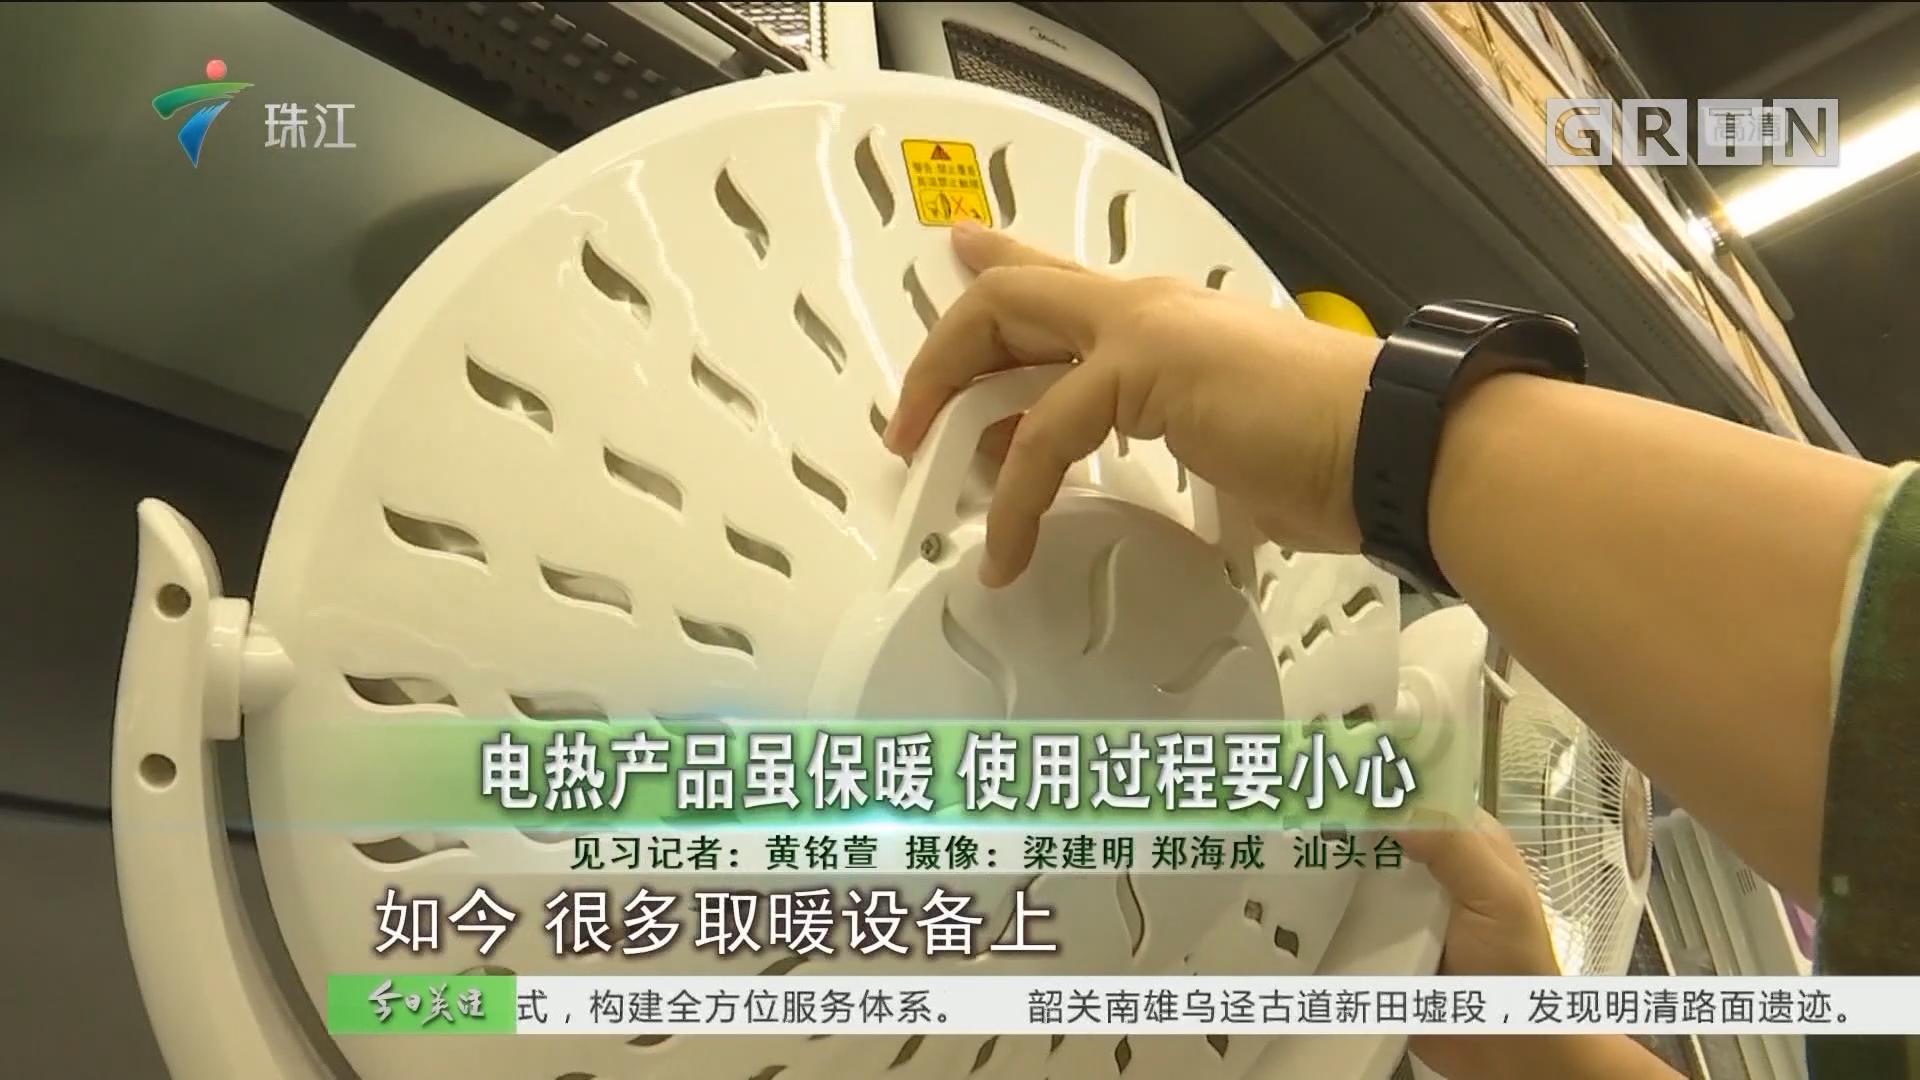 电热产品虽保暖 使用过程要小心